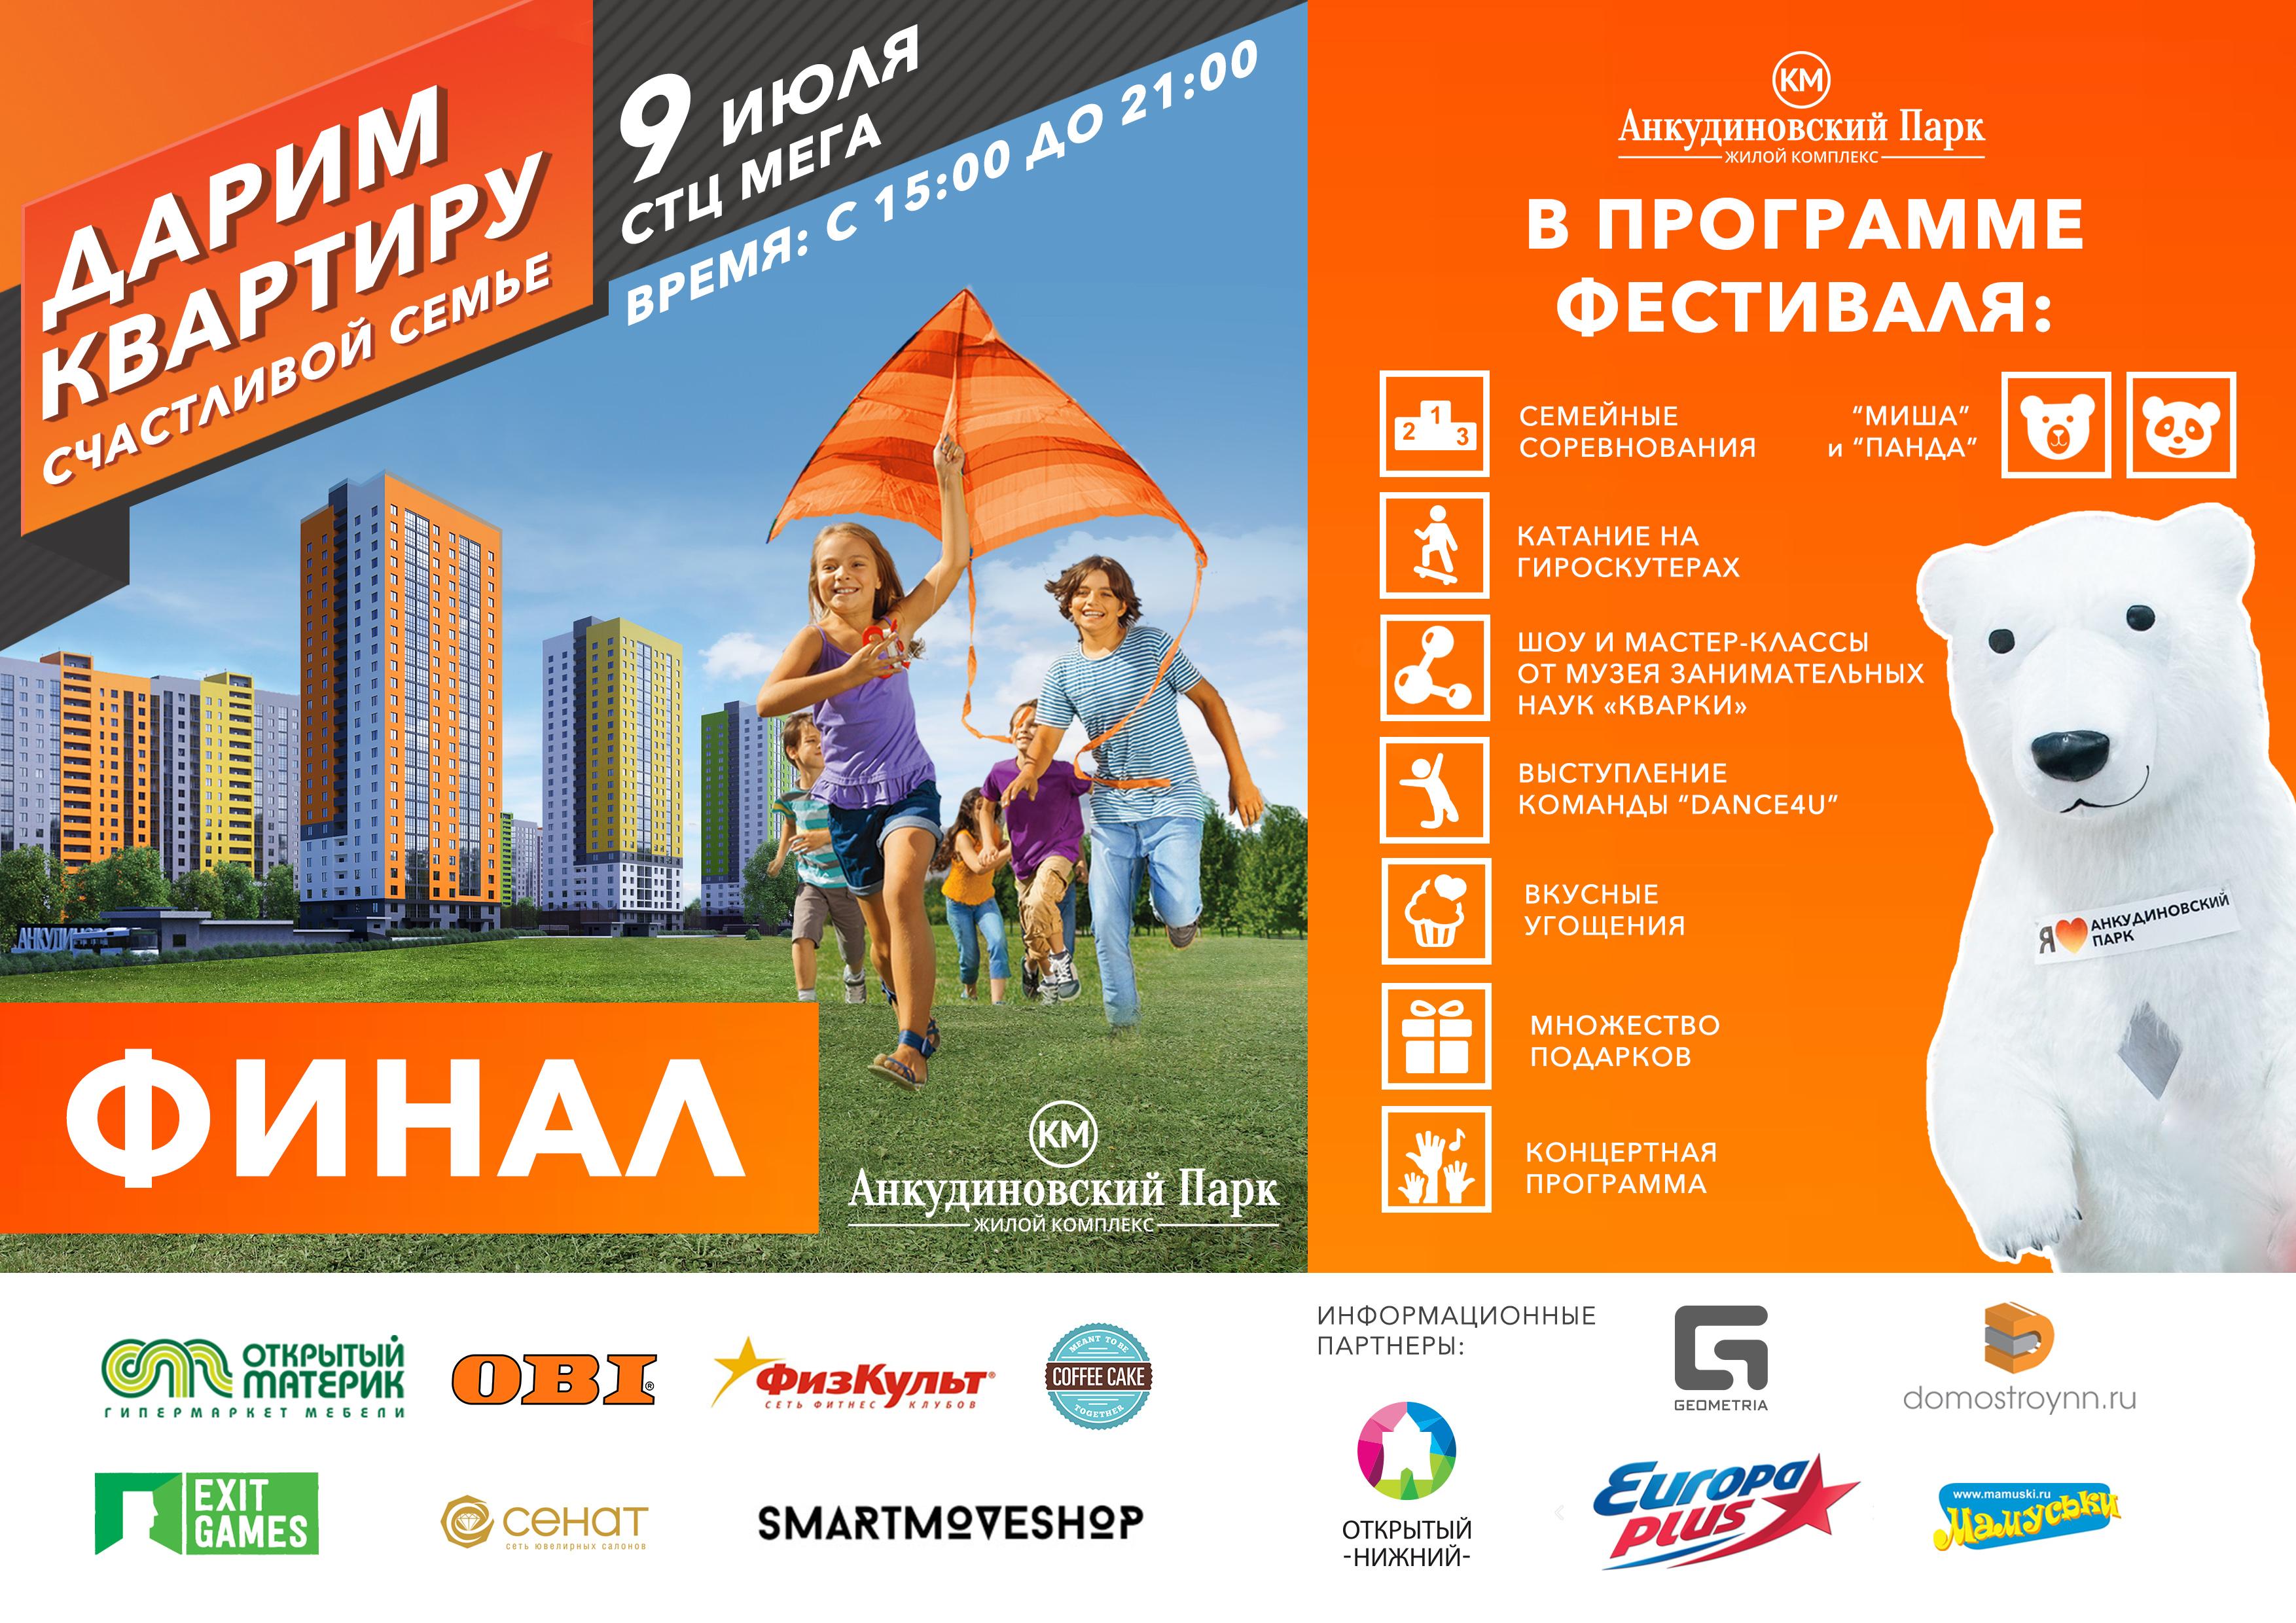 Праздник любви, семьи и верности с КМ Анкудиновский Парк